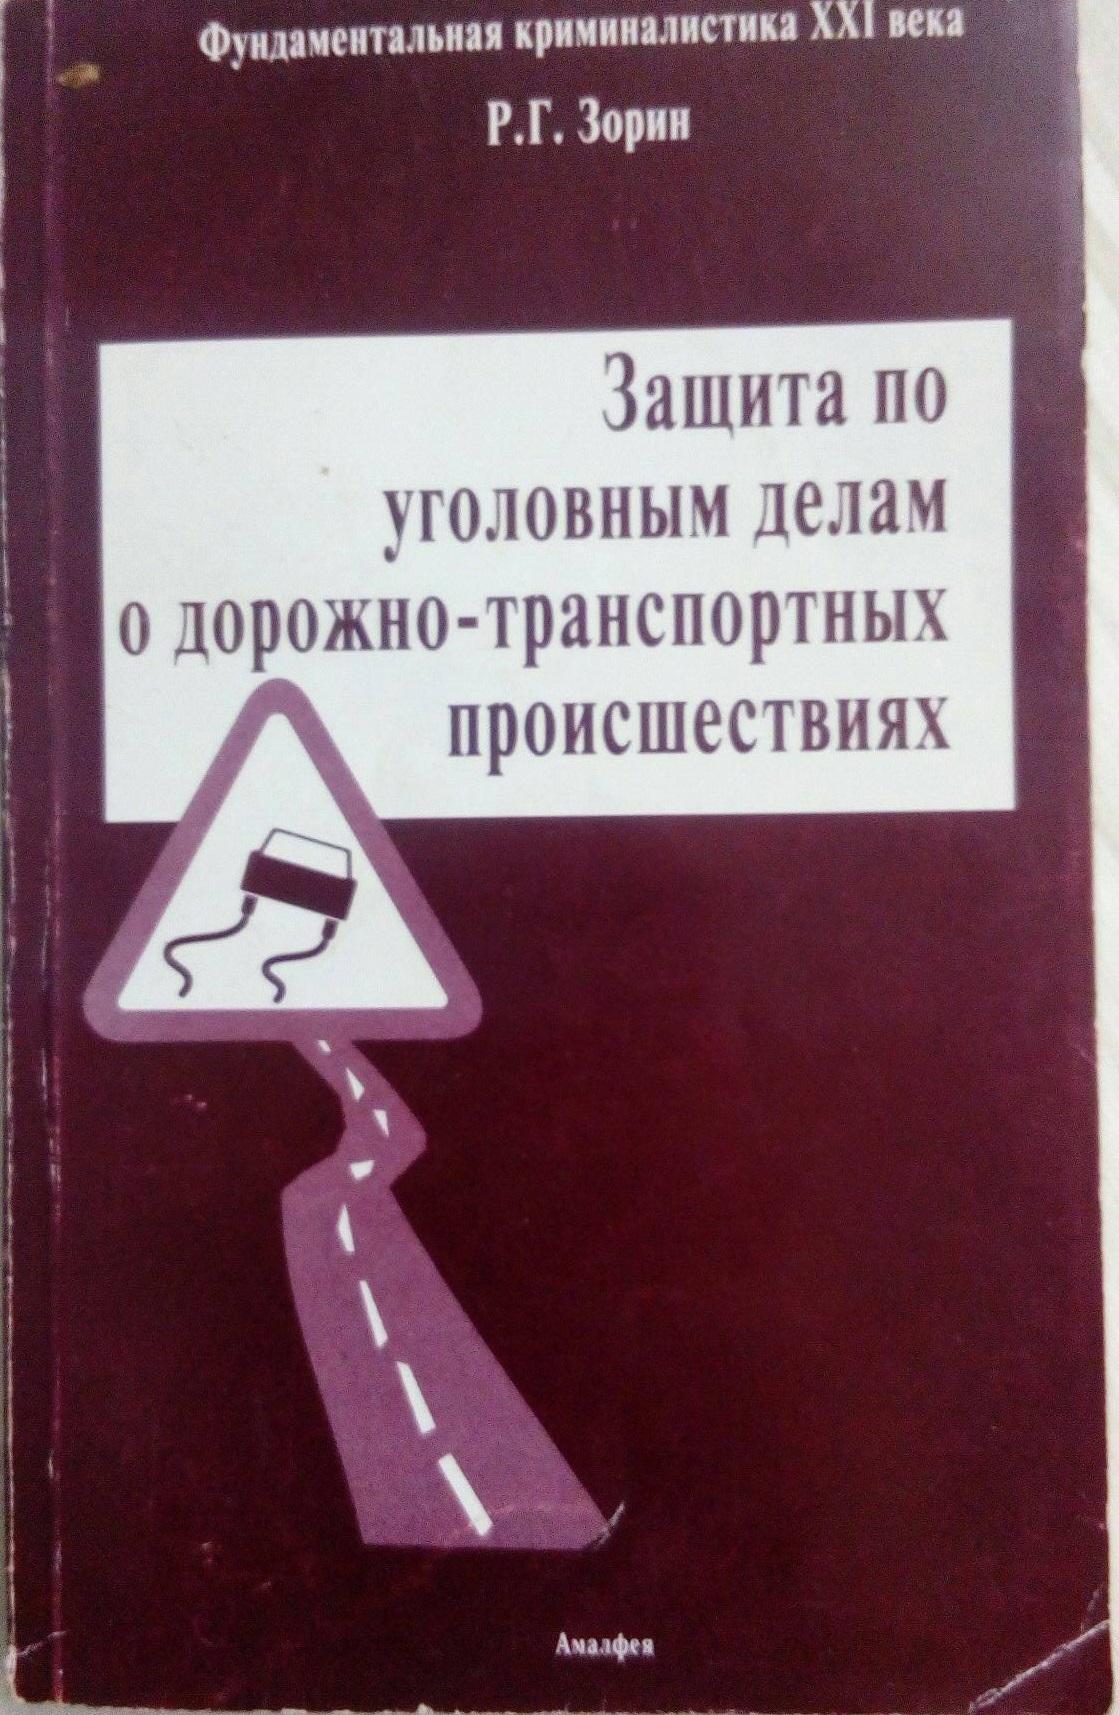 защита по уголовным делам о дорожно -транспортных происшествиях, ст.317 УК